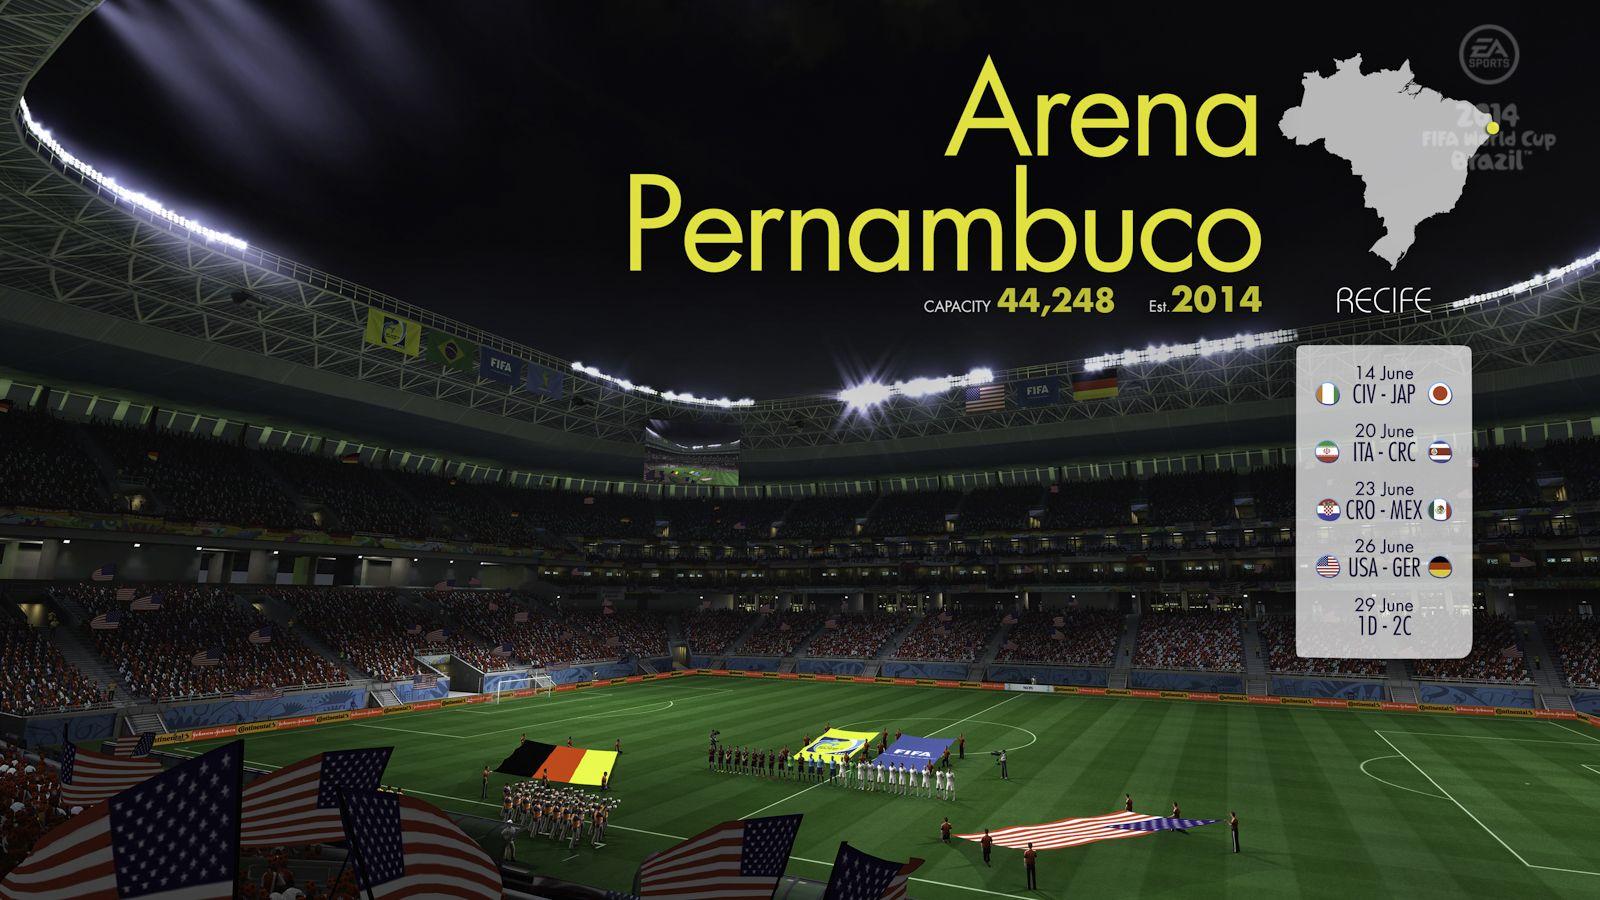 Test de coupe du monde de la fifa br sil 2014 ps3 xbox - Coupe du monde de la fifa bresil 2014 ...